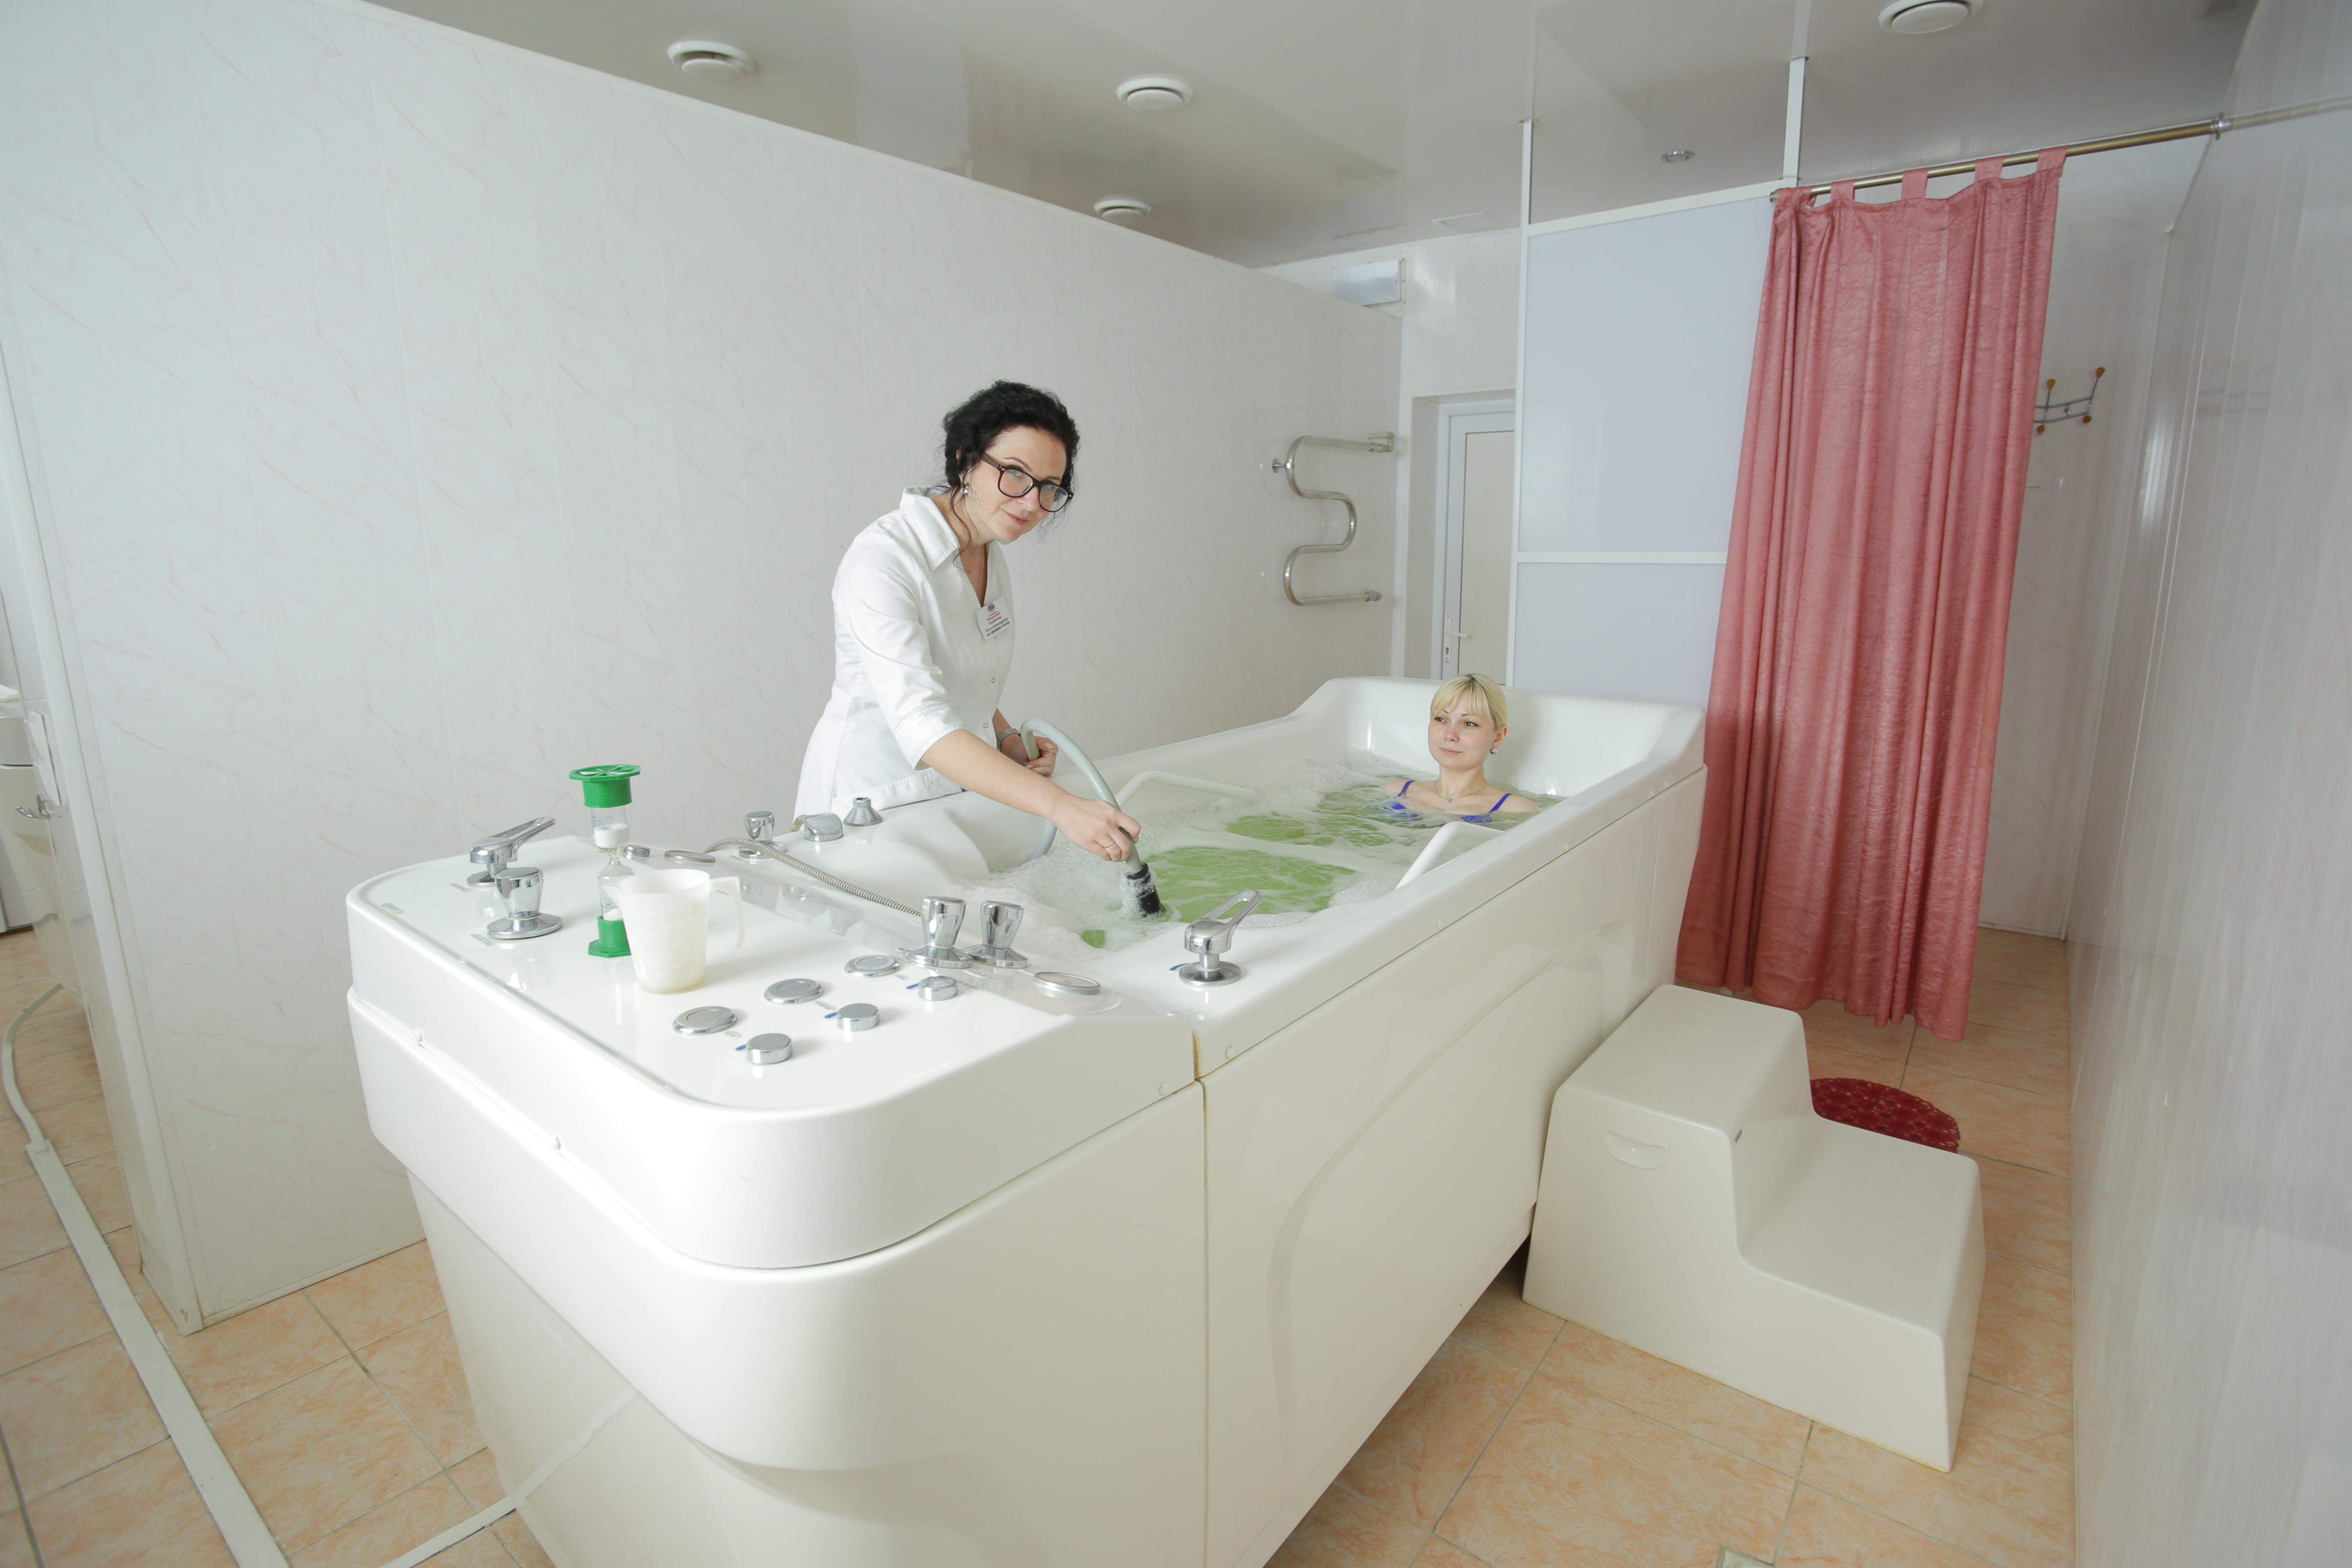 Санатории С Похудением. Санатории для похудения в России с программами очищения организма